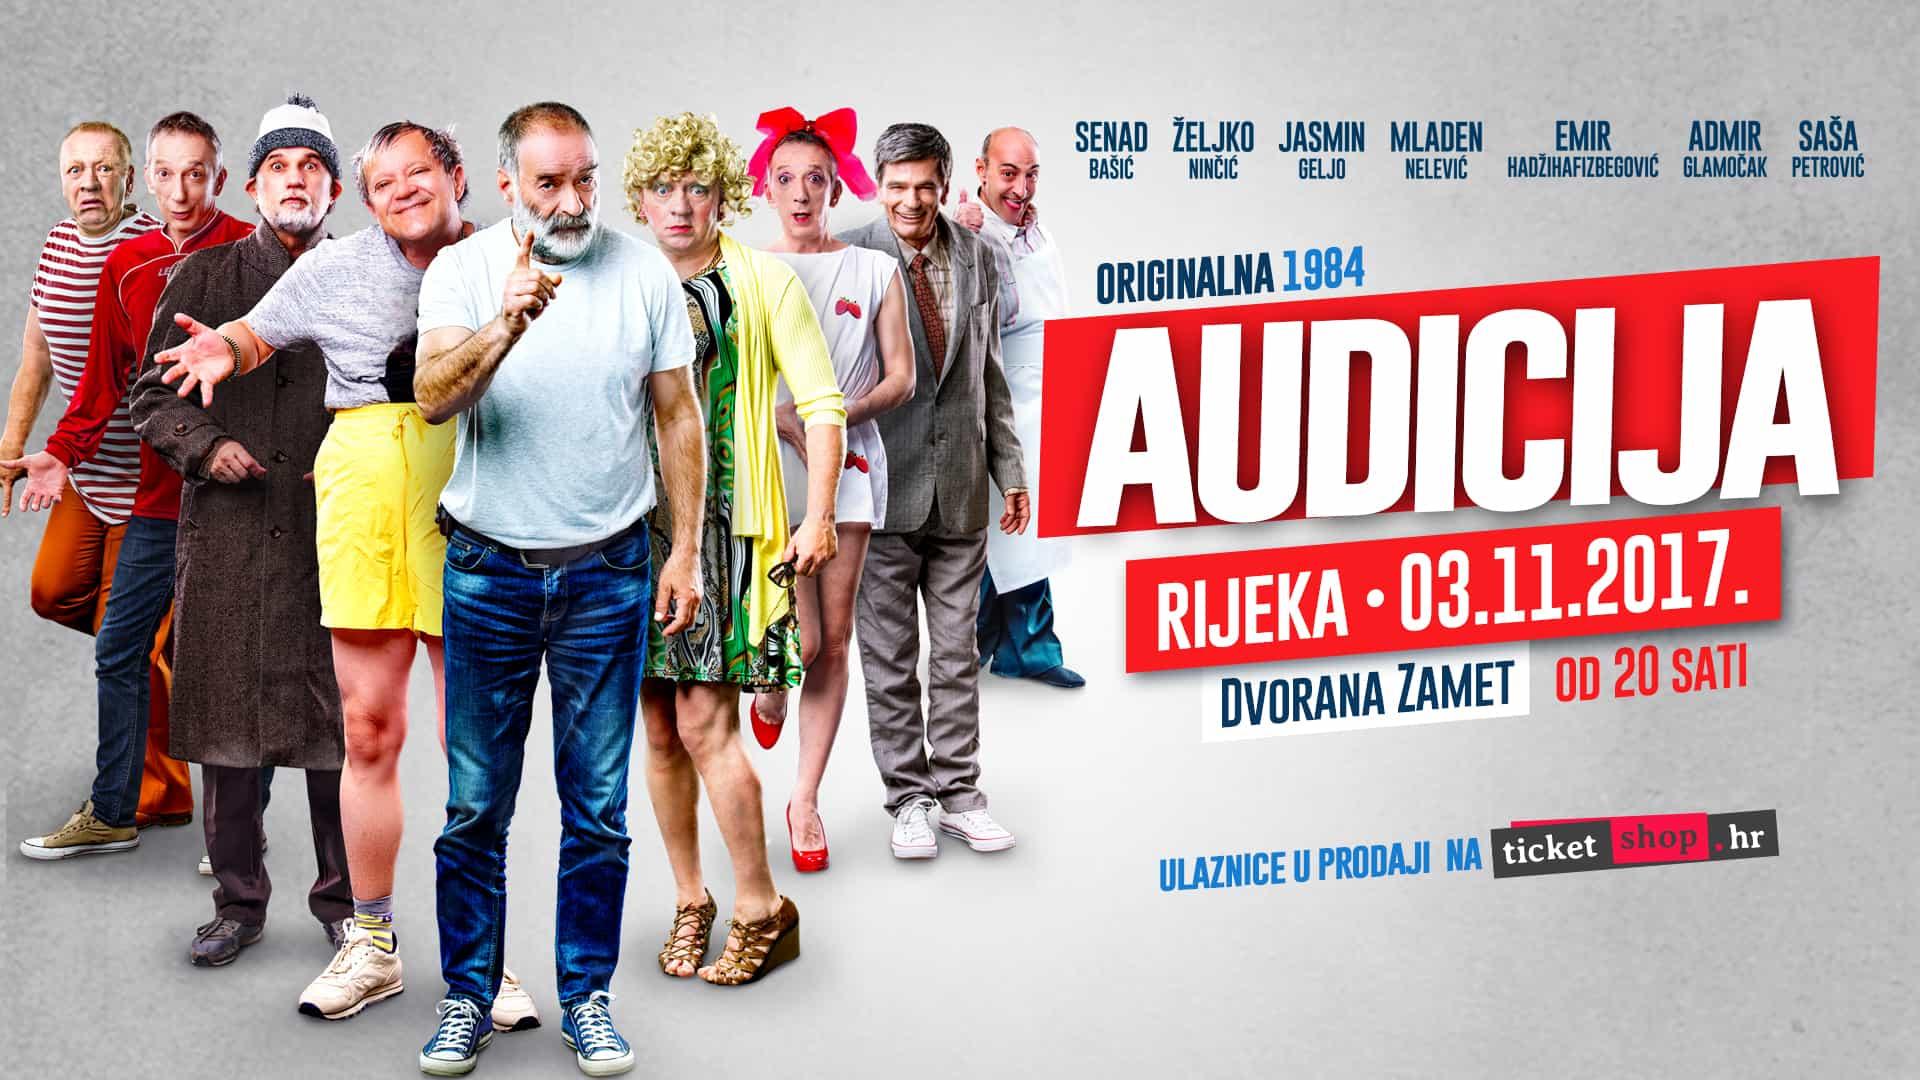 Audicija - Rijeka